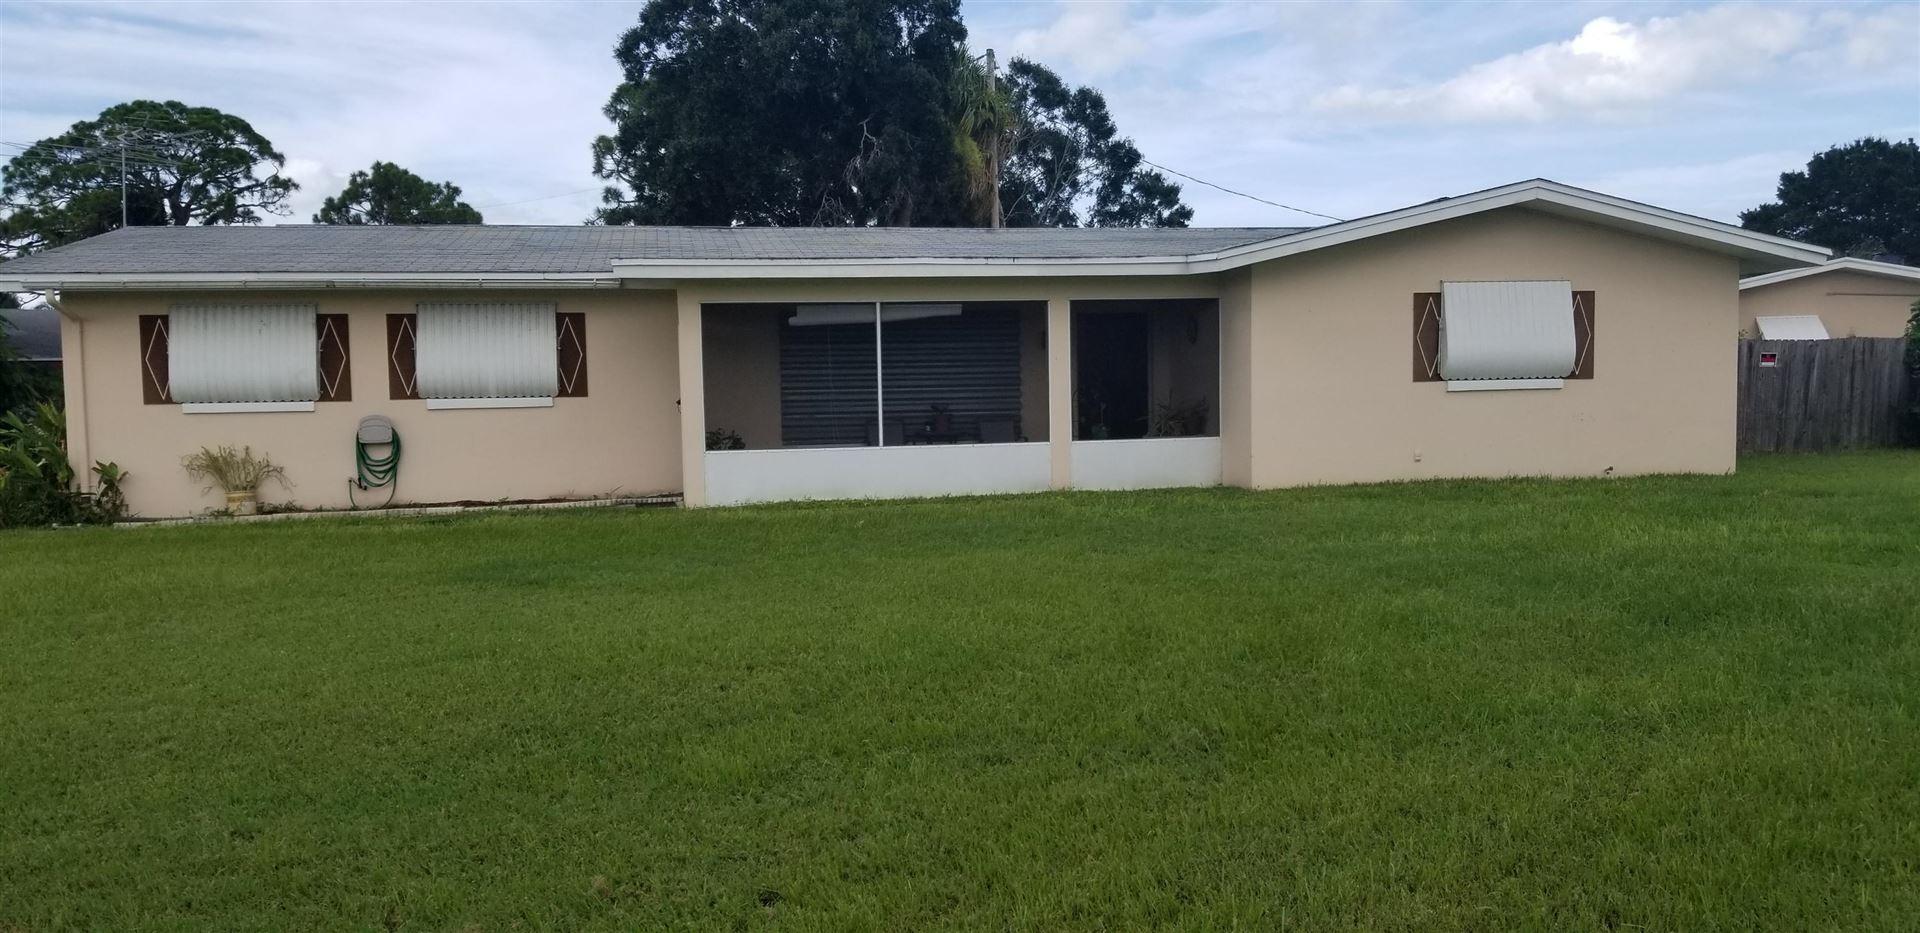 403 Poplar Avenue, Fort Pierce, FL 34952 - #: RX-10643922